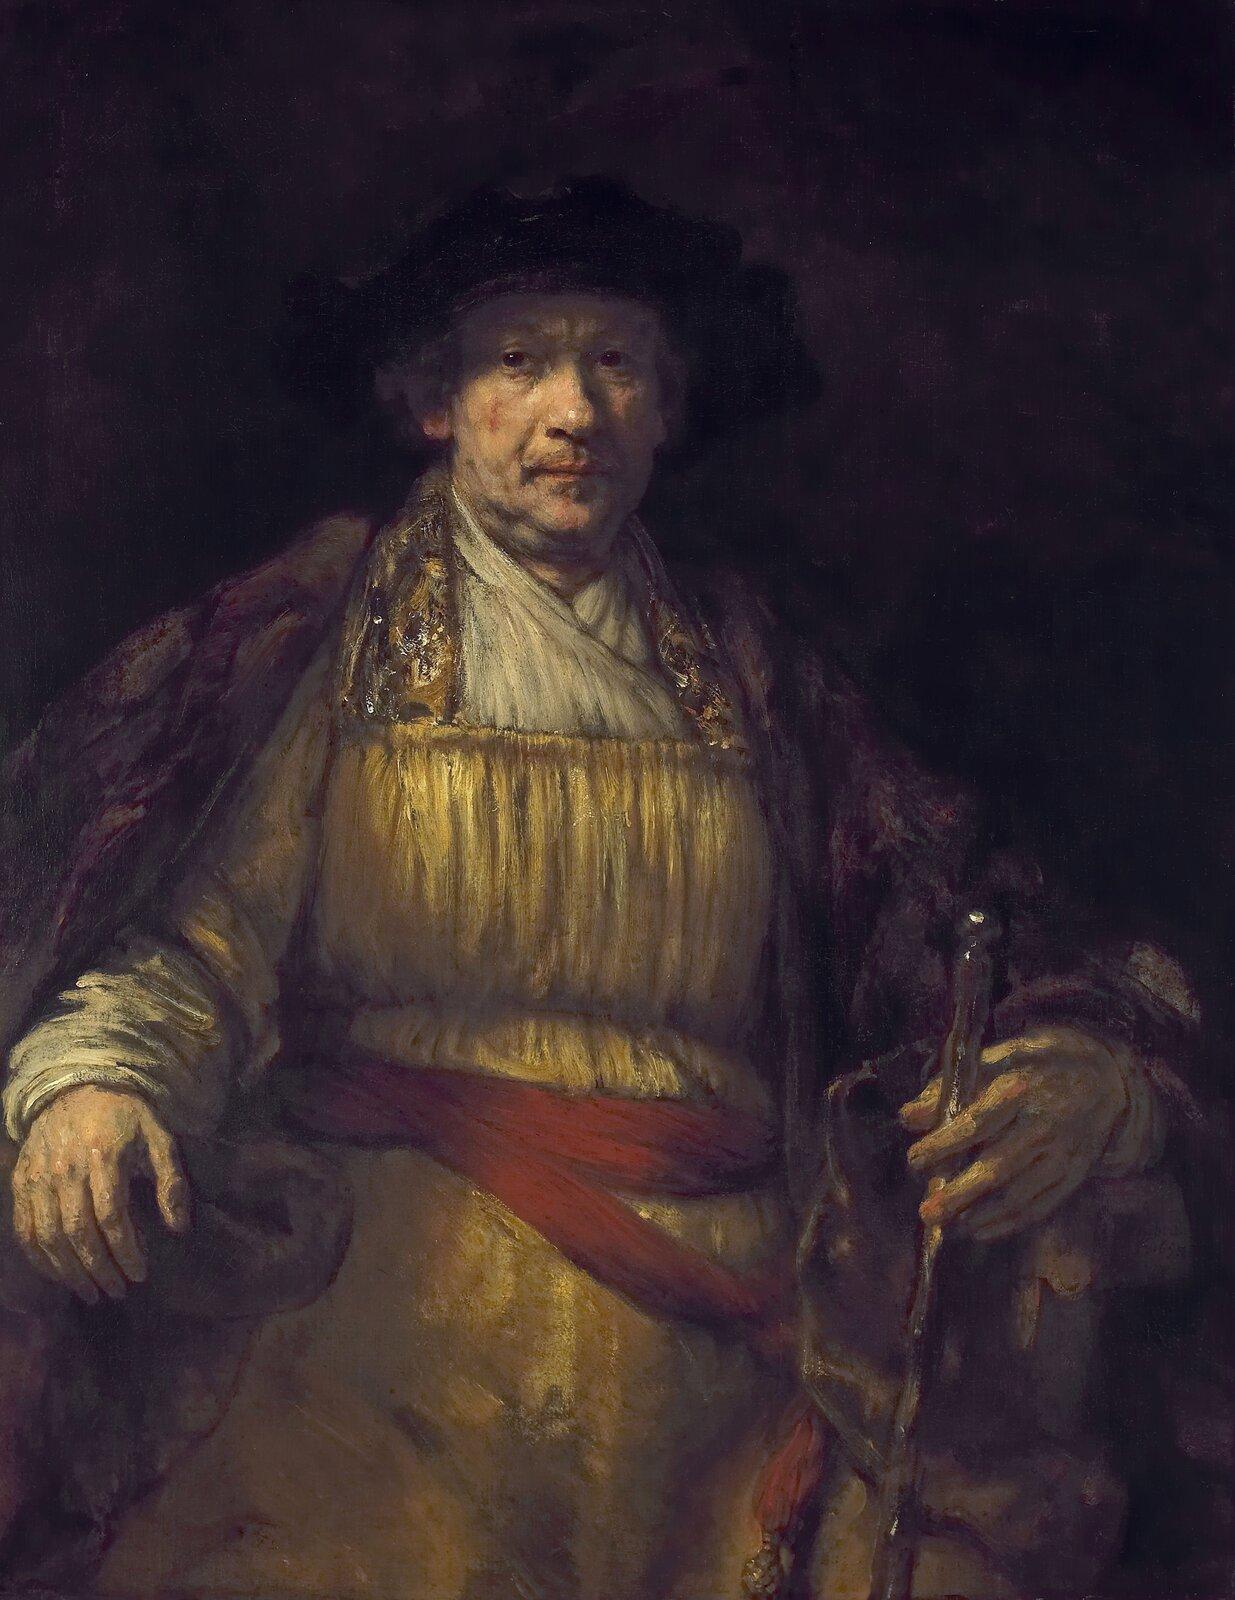 """Ilustracja przedstawia """"Autoportret"""" Rembrandta van Rijna. Na ciemnym tle znajduje się siedzący malarz wstarszym wieku, wczarnym kapeluszu na głowie. Ma na sobie złotą szatę, przepasaną wpasie czerwoną szarfą izarzuconą na ramiona ciemną pelerynę. Prawą rękę ma opartą na poręczy fotela. Wlewej dłoni trzyma laskę. Wzrok ma skierowany przed siebie, wstronę widza."""